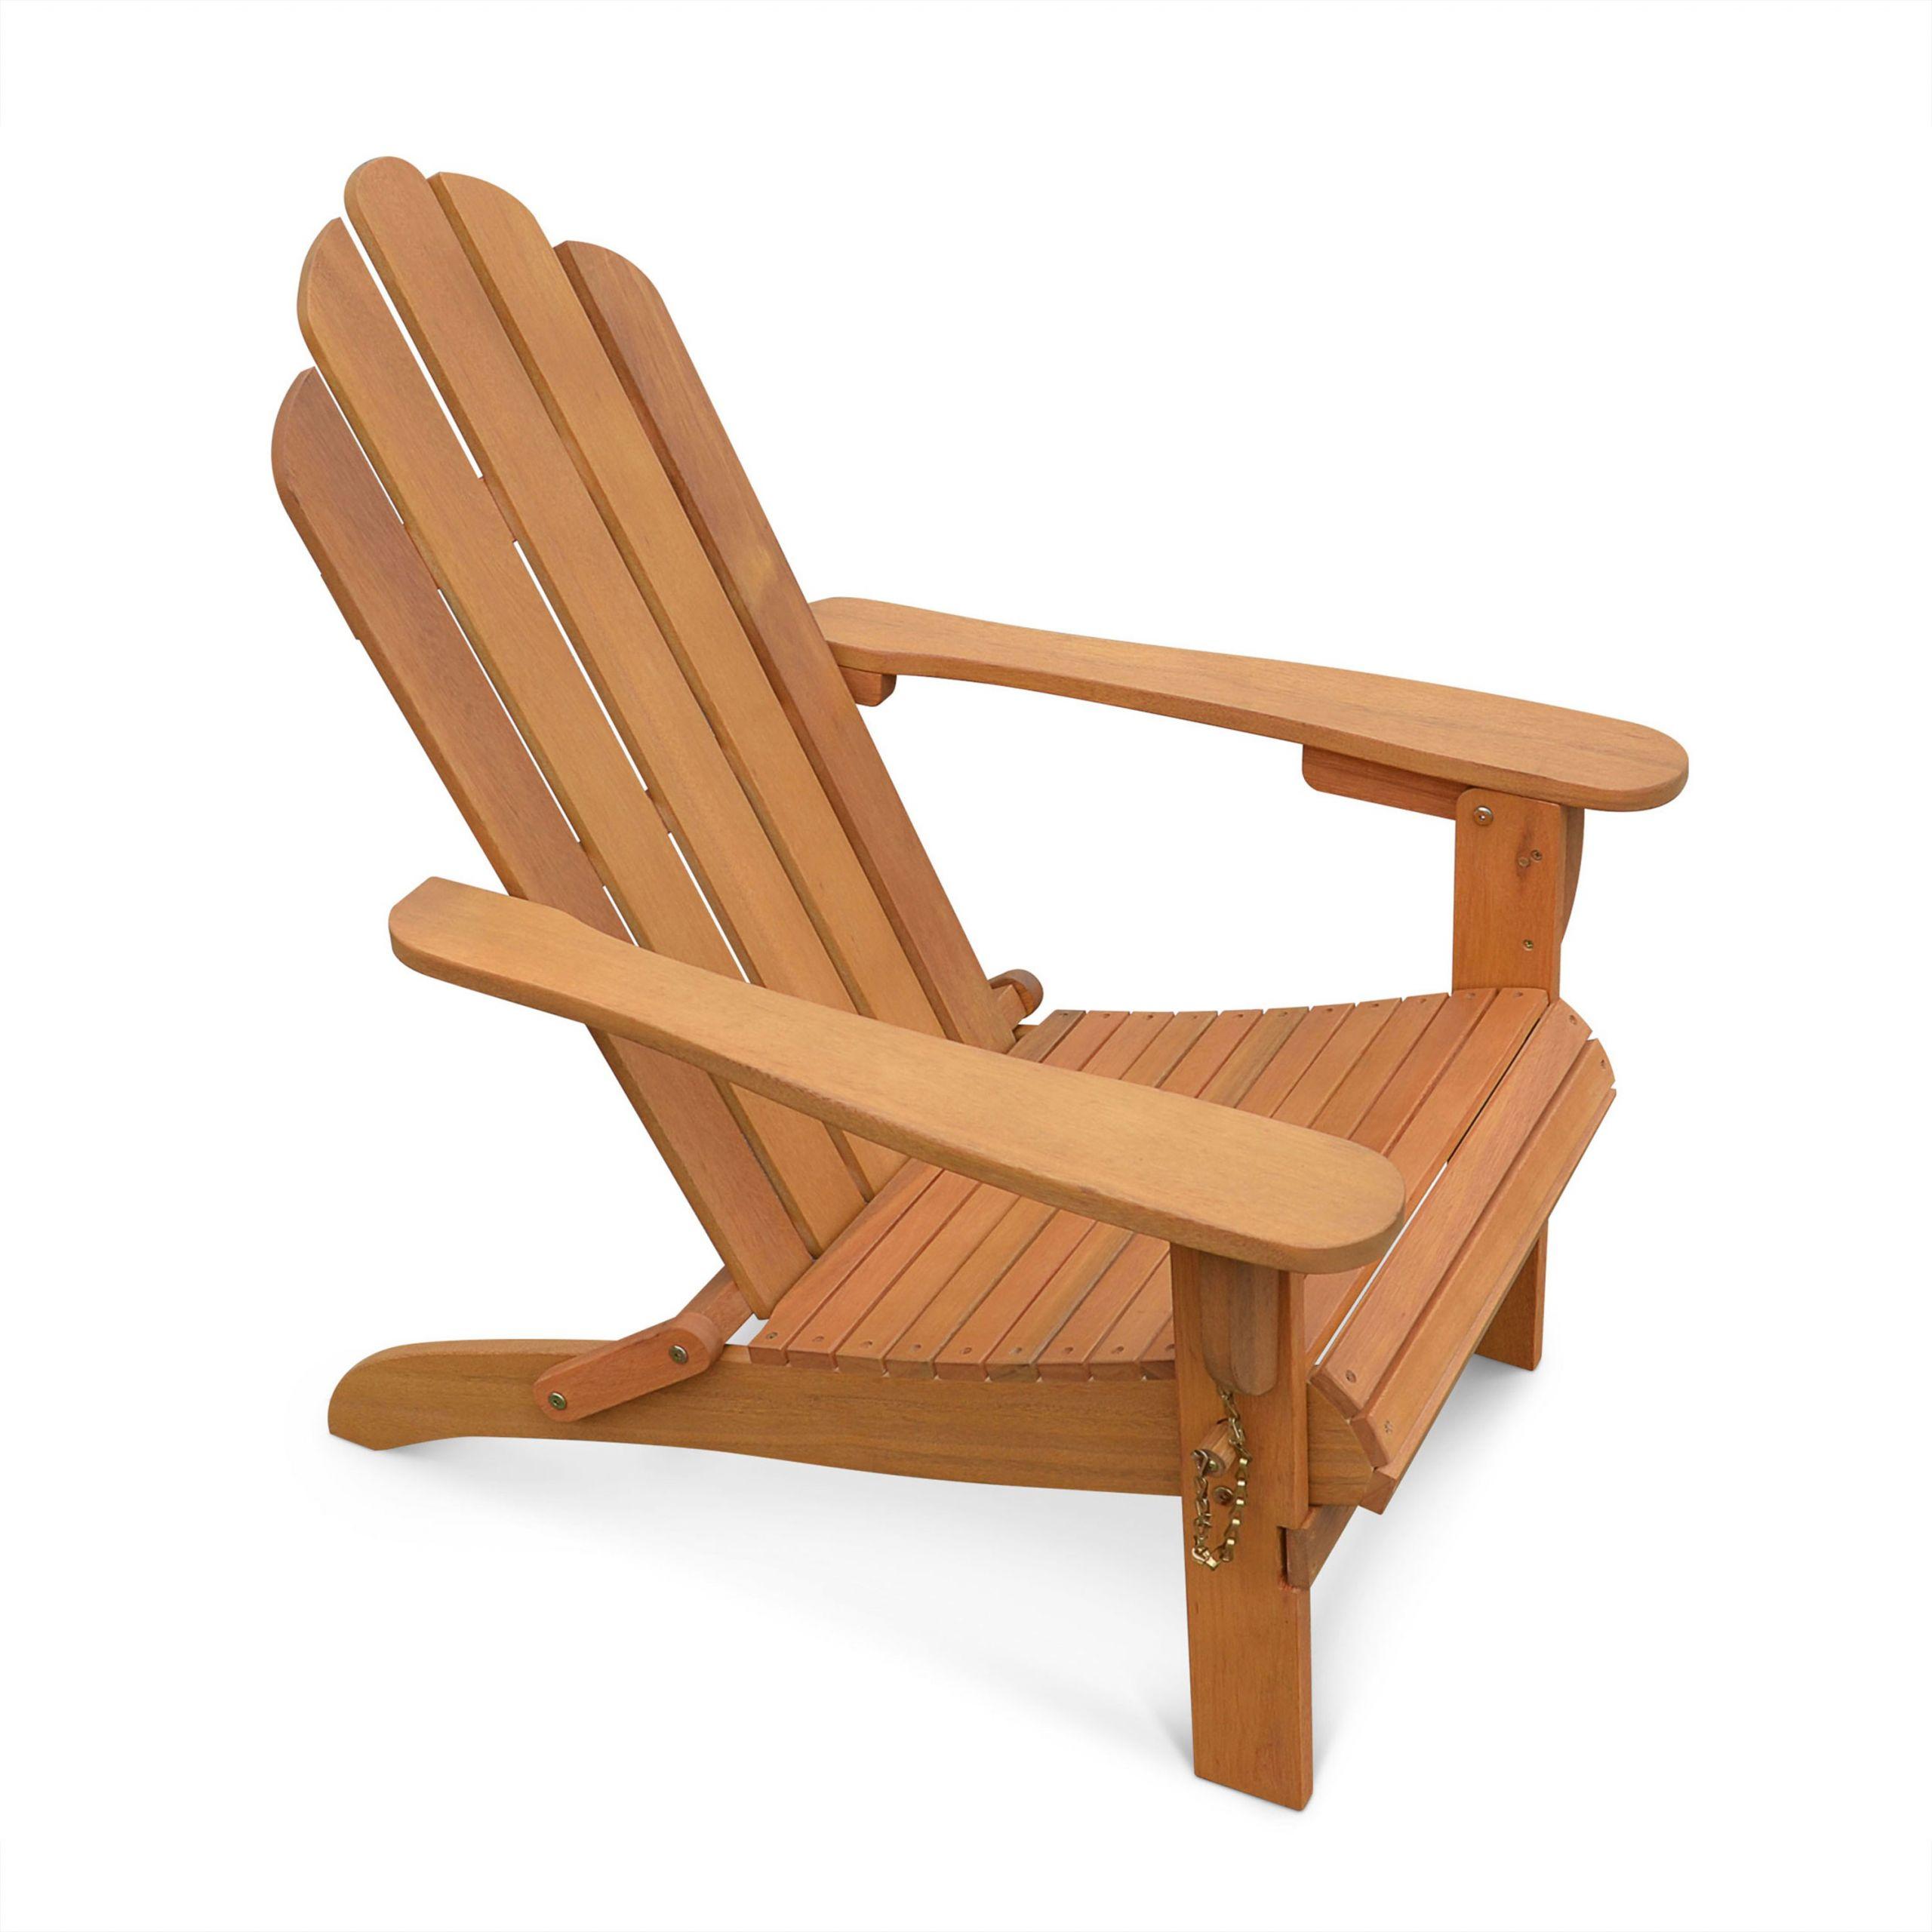 chaise longue jardin bois unique chaise longue leclerc de chaise longue jardin bois scaled